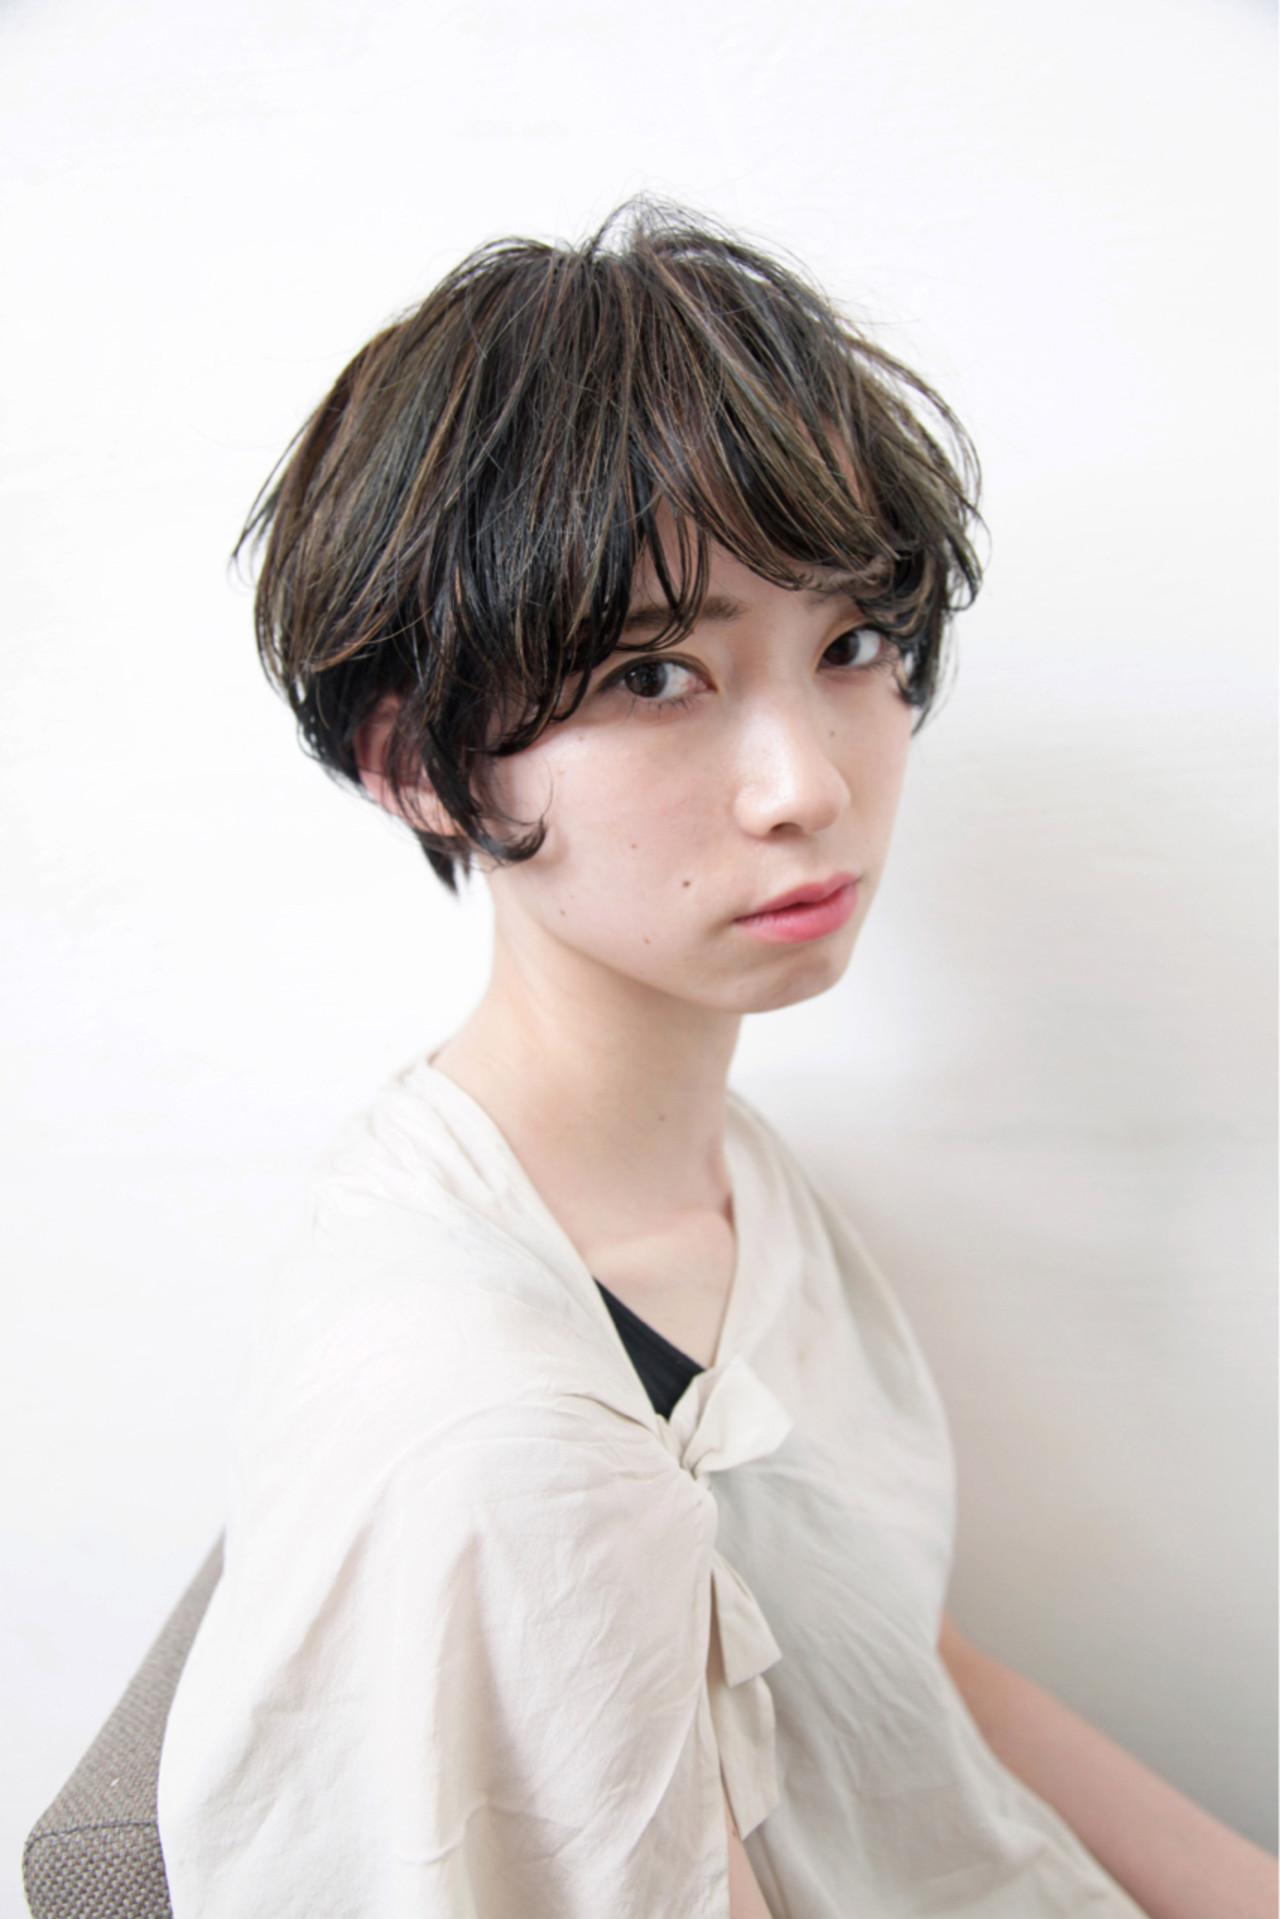 ハイライト 黒髪 アッシュ ショート ヘアスタイルや髪型の写真・画像